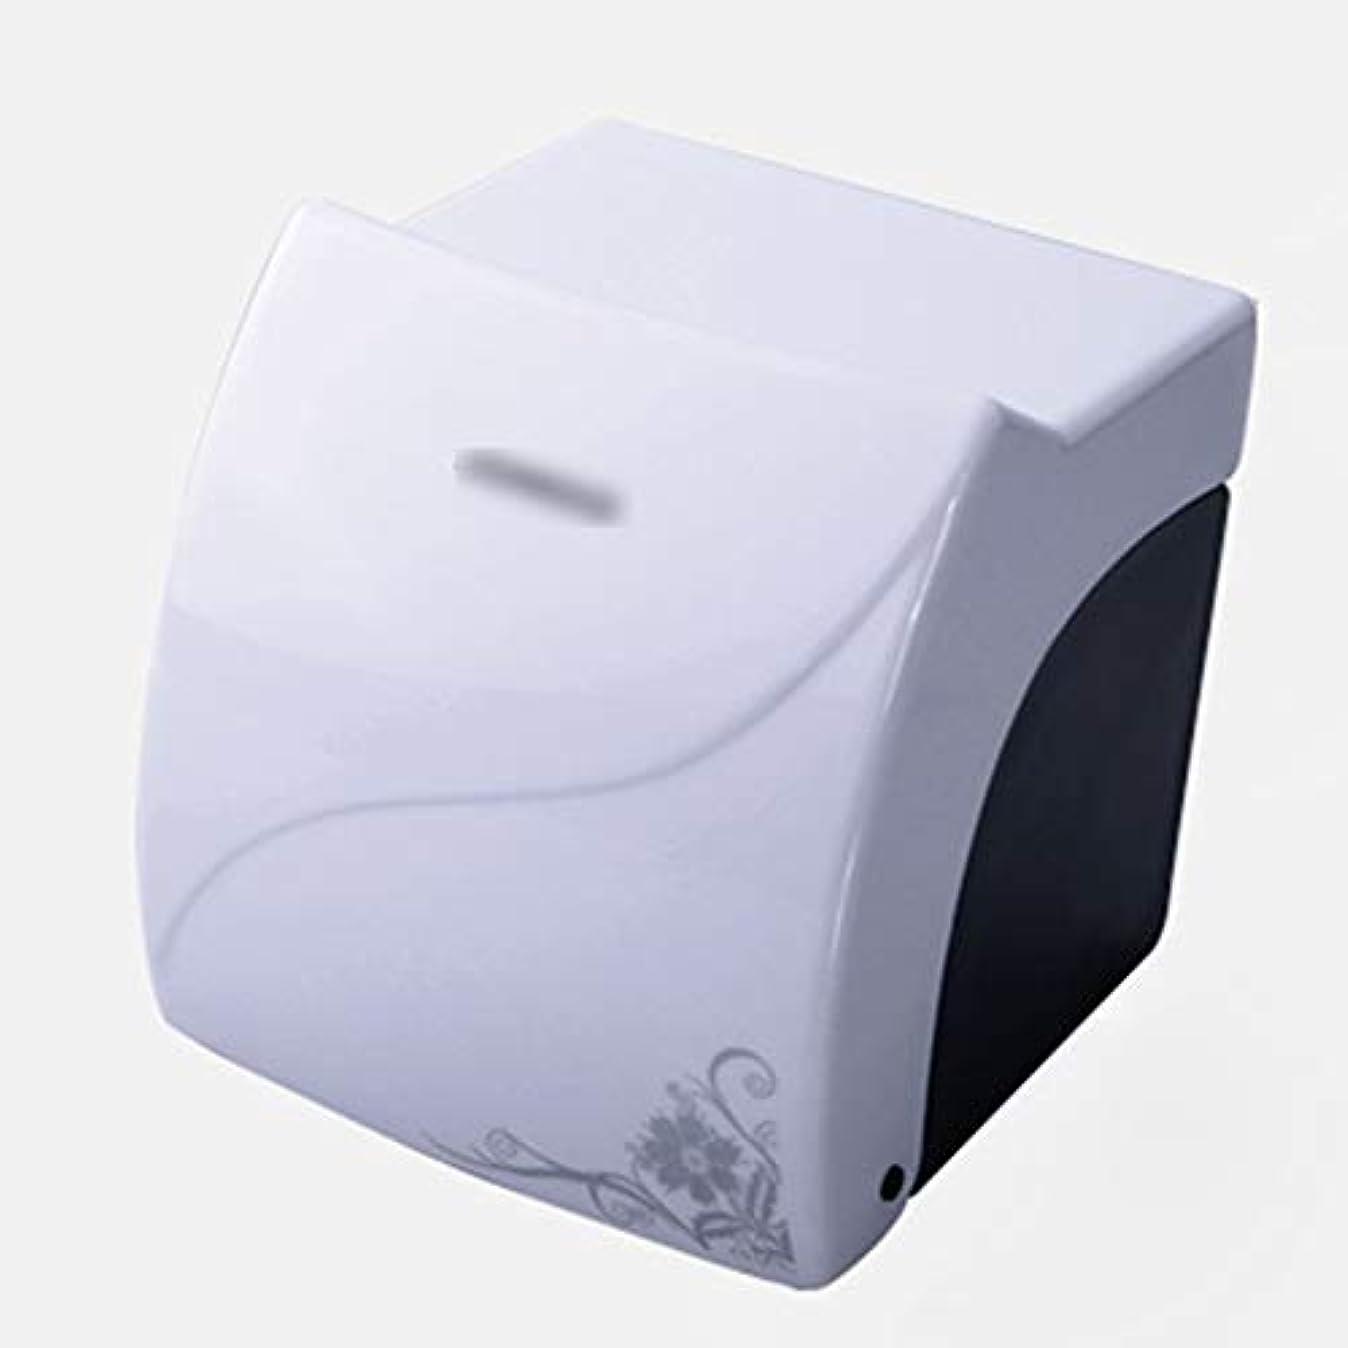 異常布汚染されたZZLX 紙タオルホルダー、高品質ABS防水ティッシュボックストイレットペーパーボックスペーパーホルダー ロングハンドル風呂ブラシ